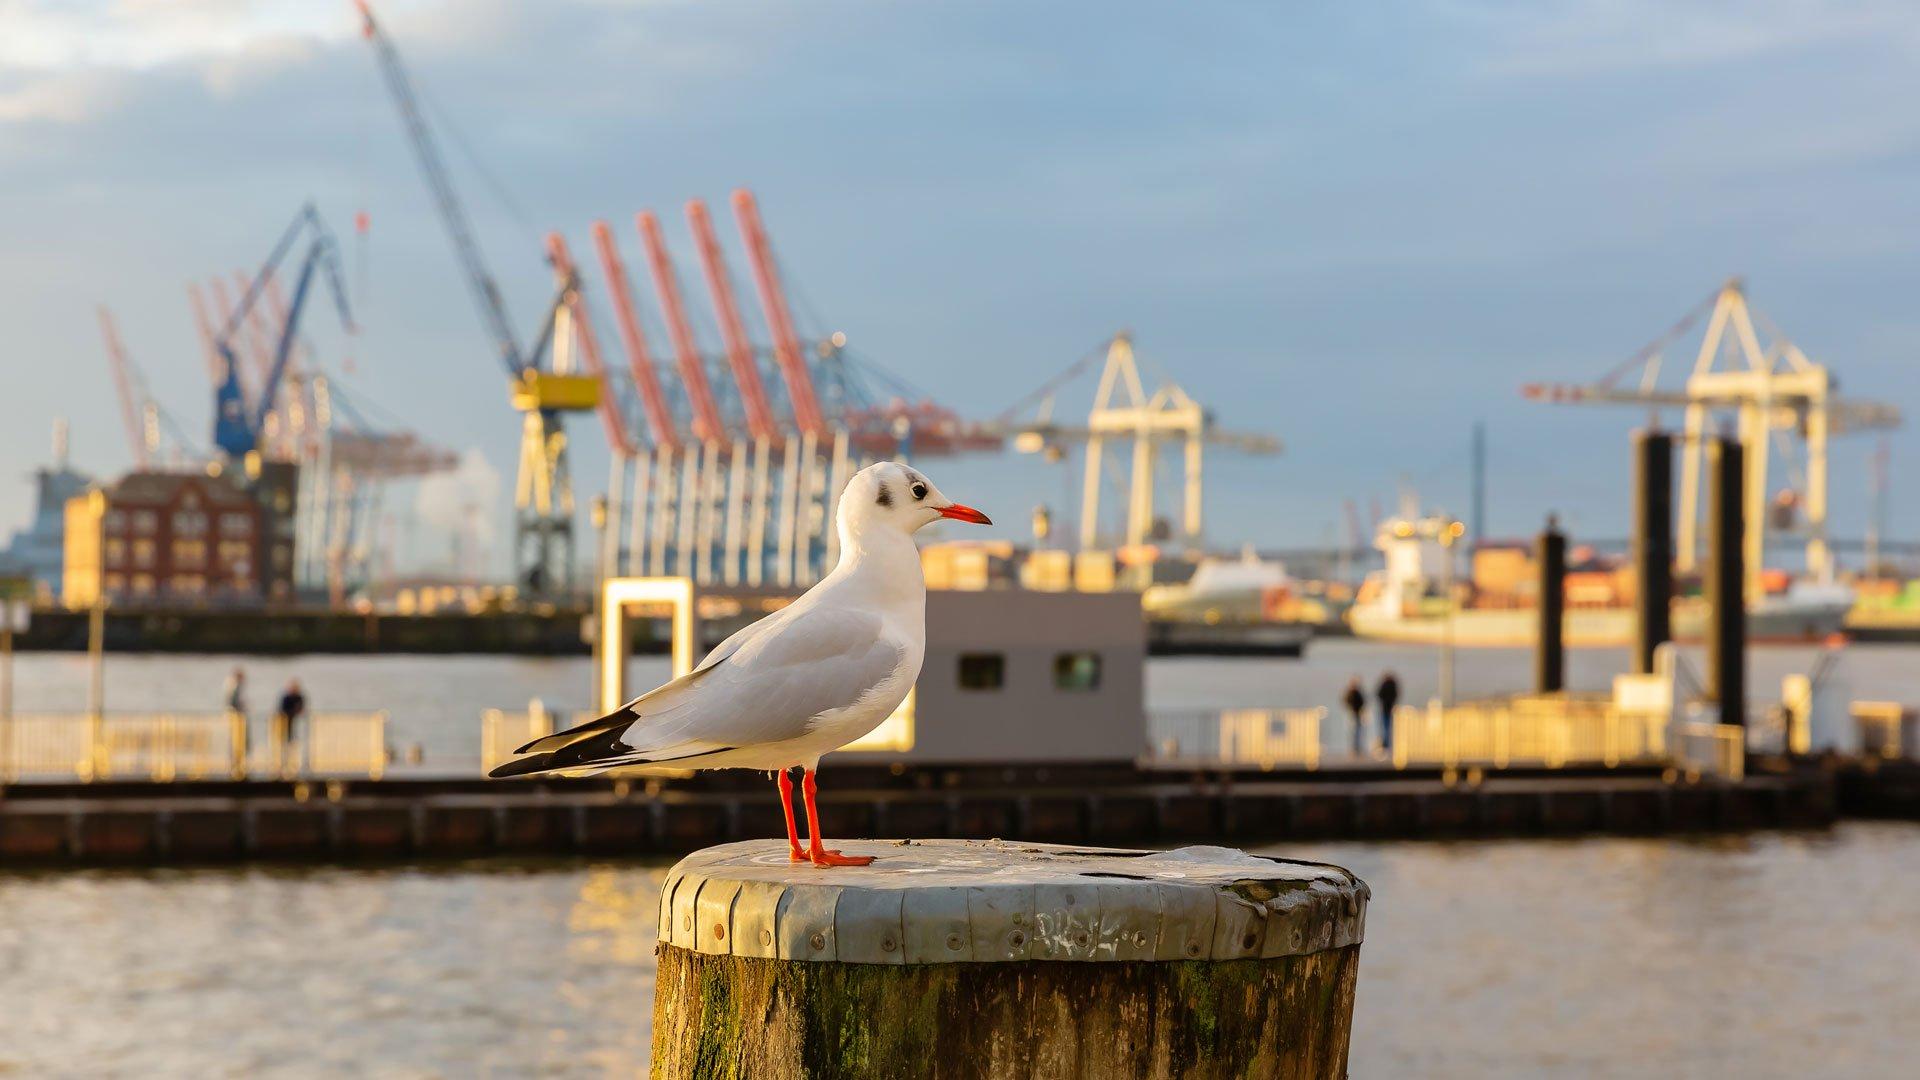 Möwe auf einem Hafenpoller vor dem Seehafen in Hamburg